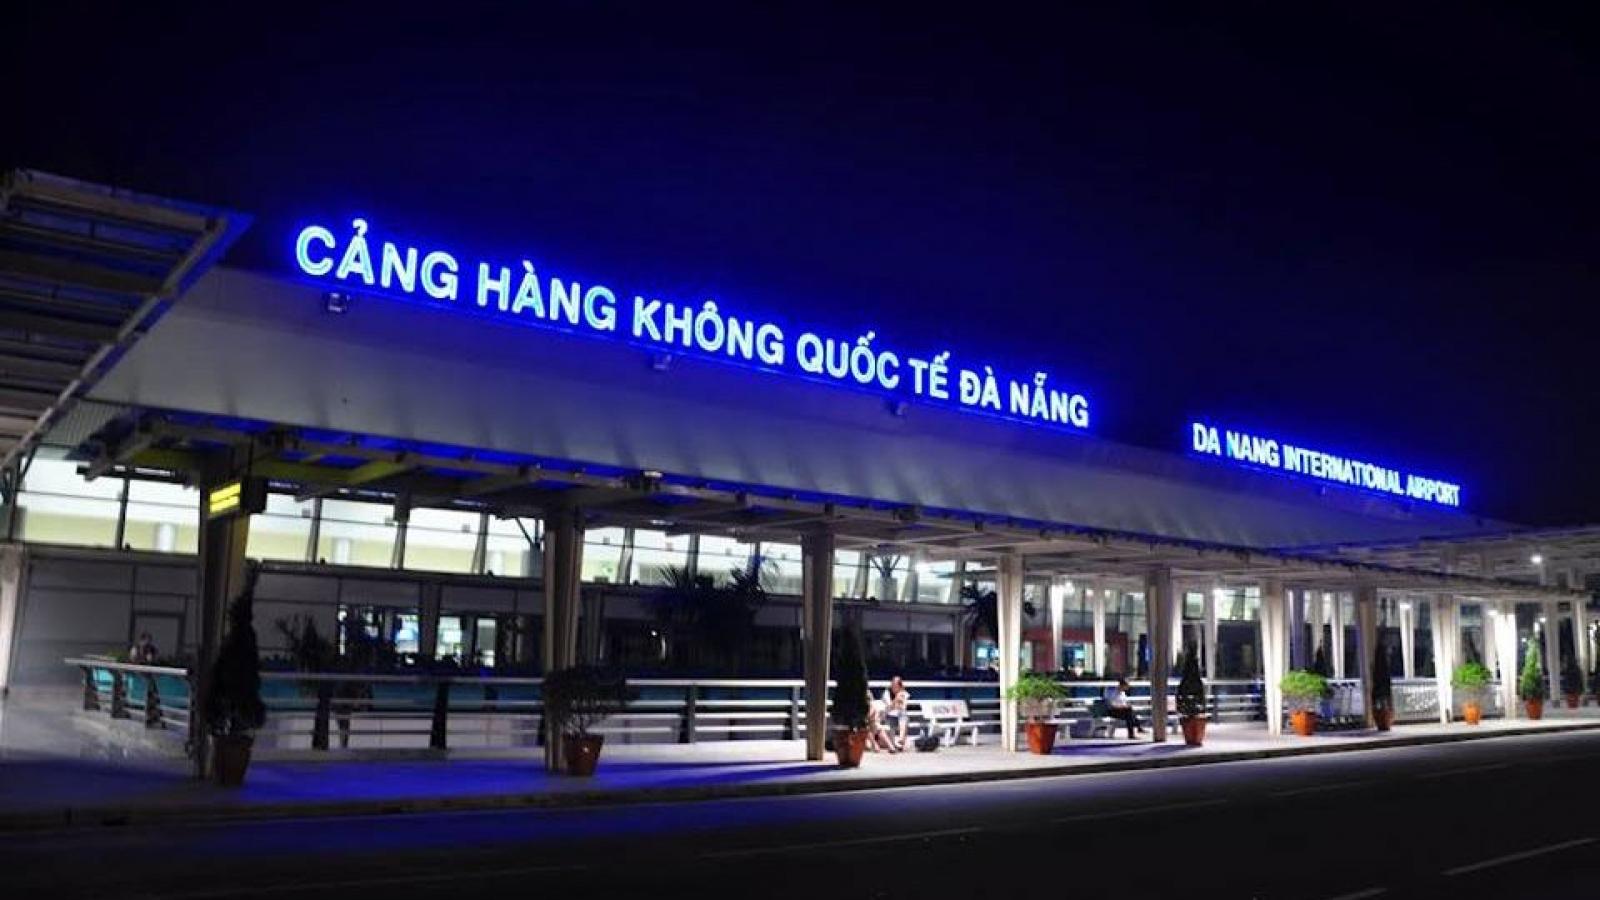 Xây dựng ga hàng hóa, sân bay Quốc tế Đà Nẵng